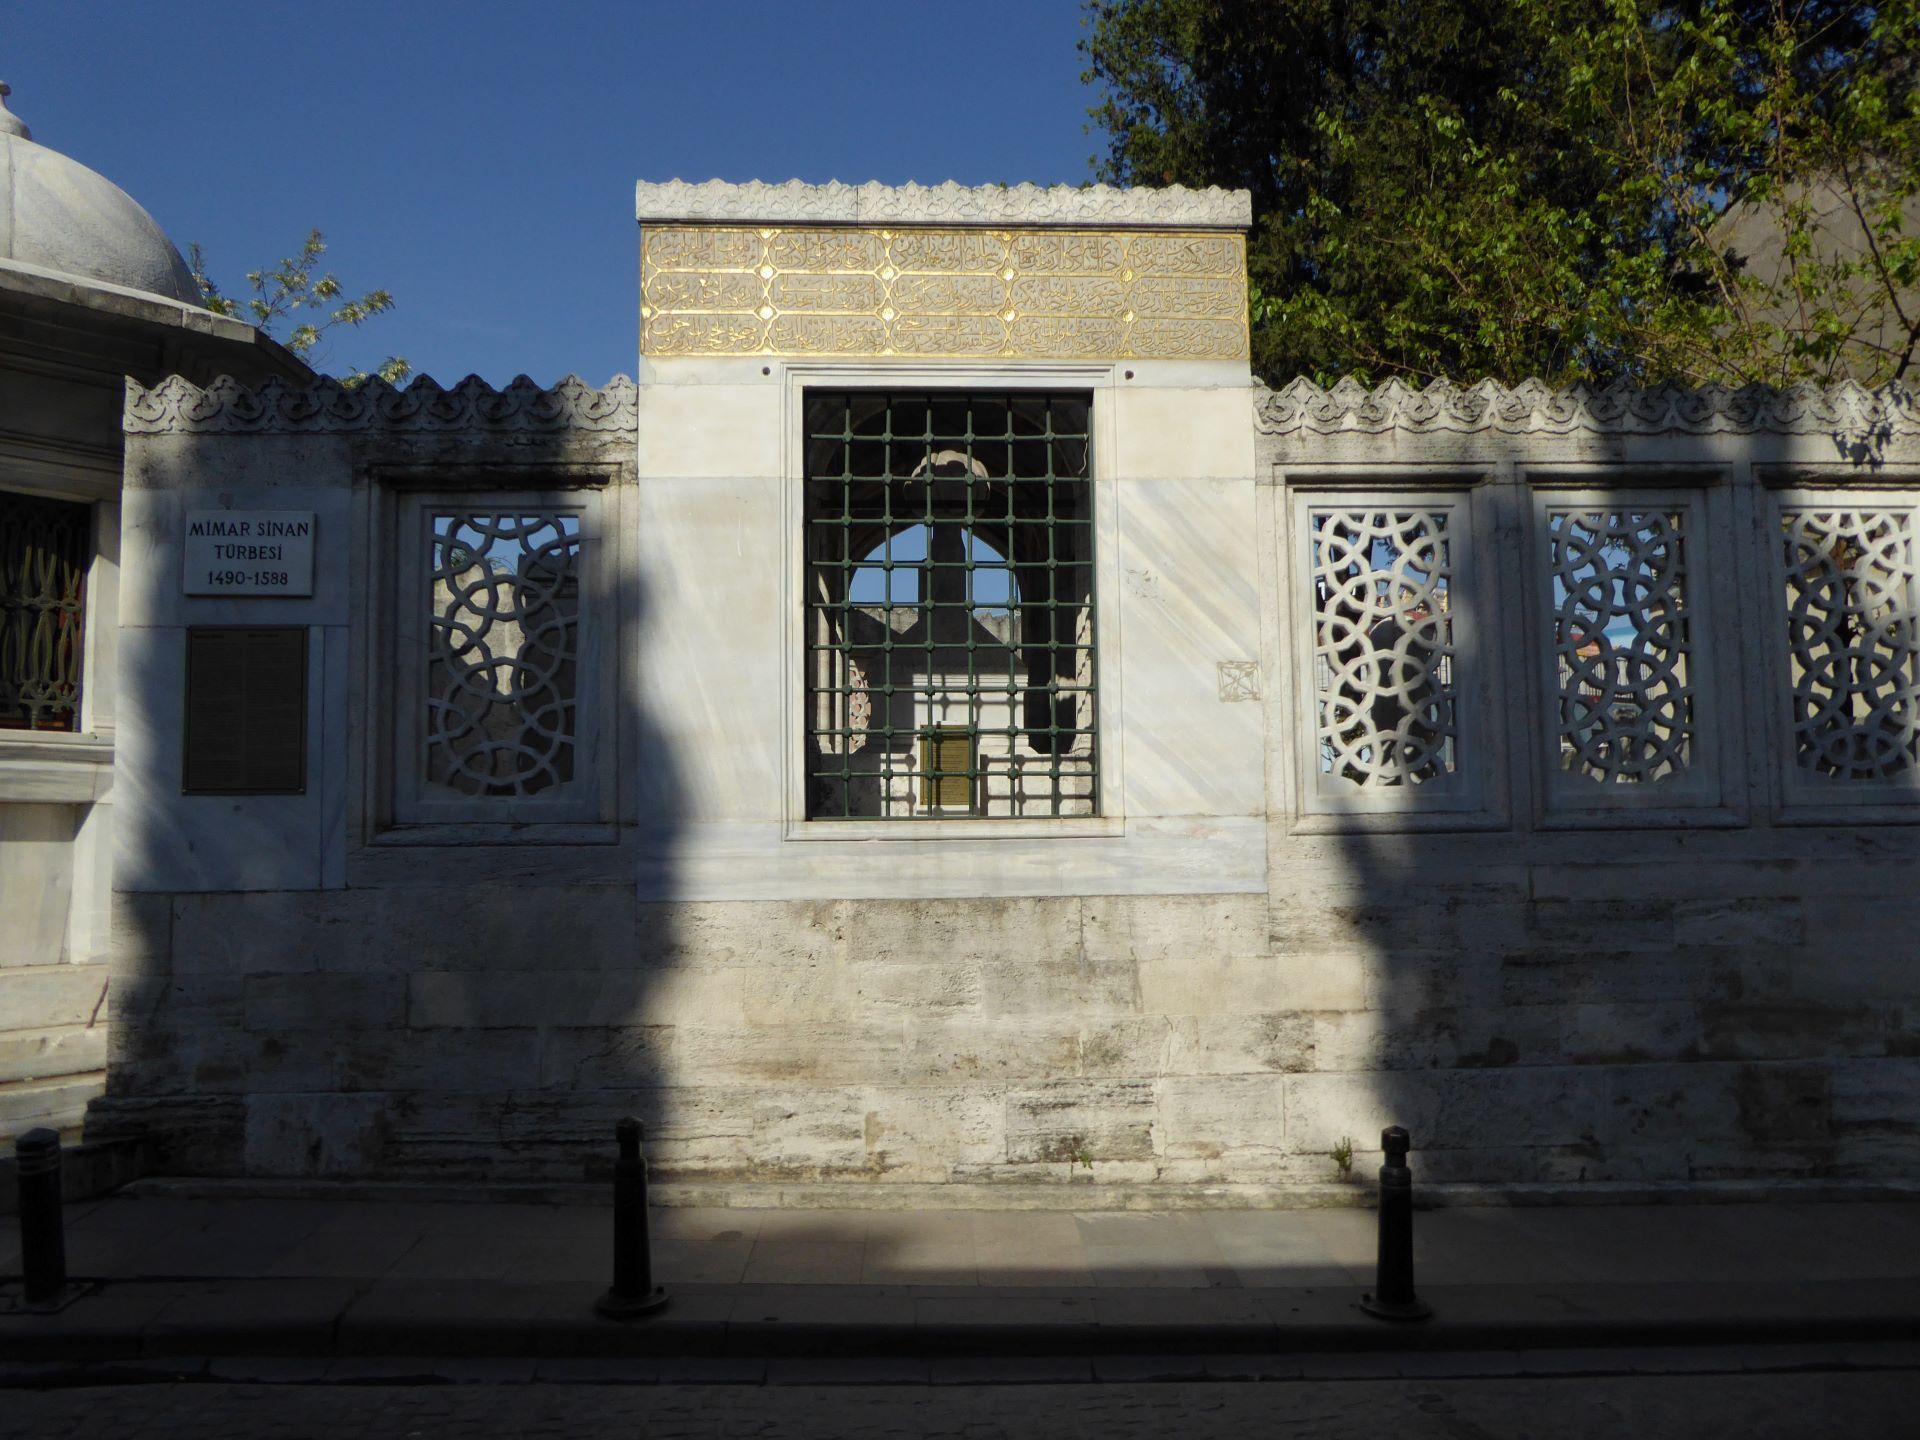 Stambuł Wspaniałe Stulecie: grób Sinana